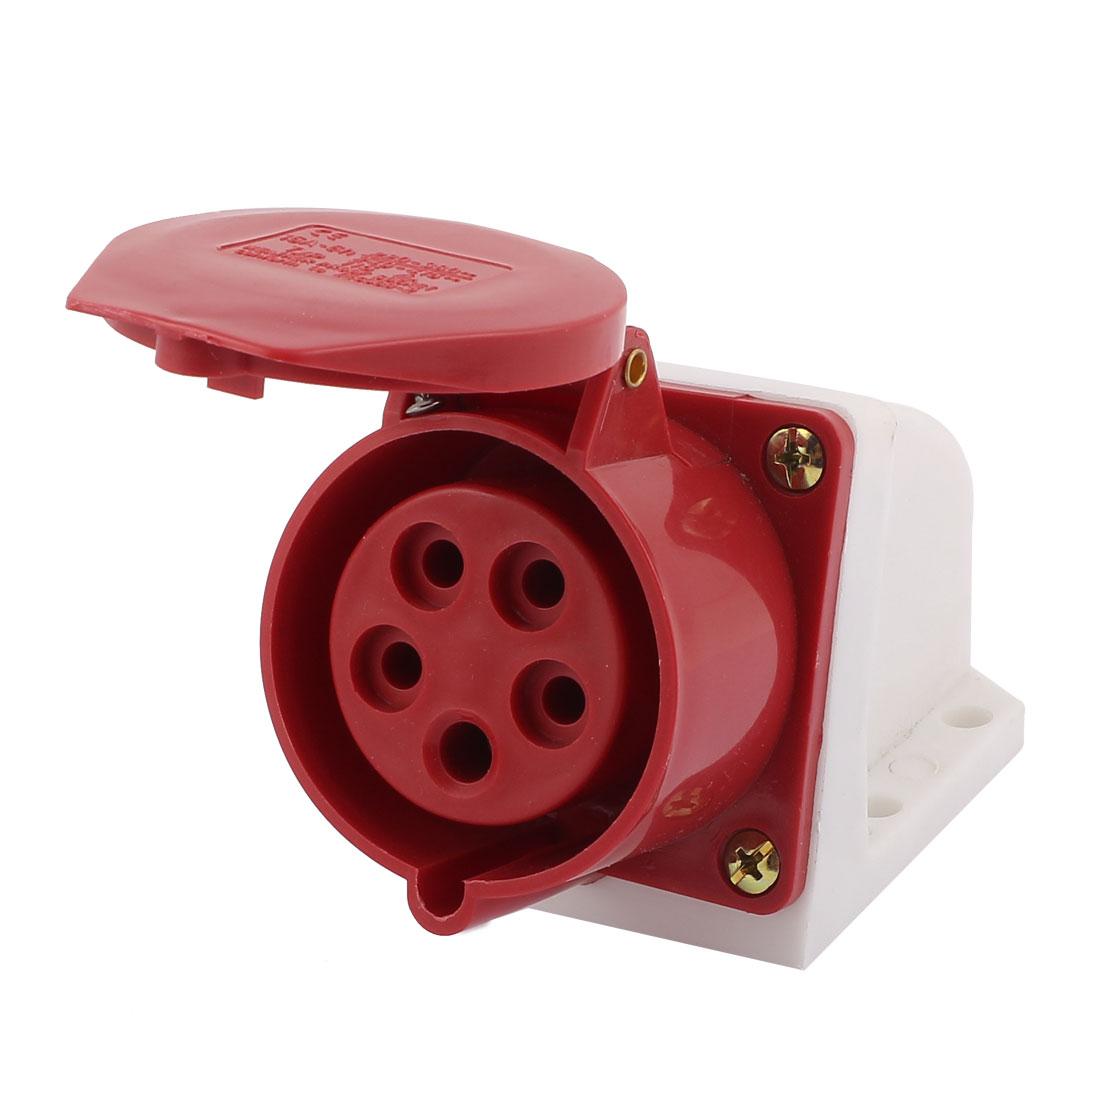 AC 240V-415V 16A IP44 3P+N+E 5P Female Industrial Caravan Waterproof Socket